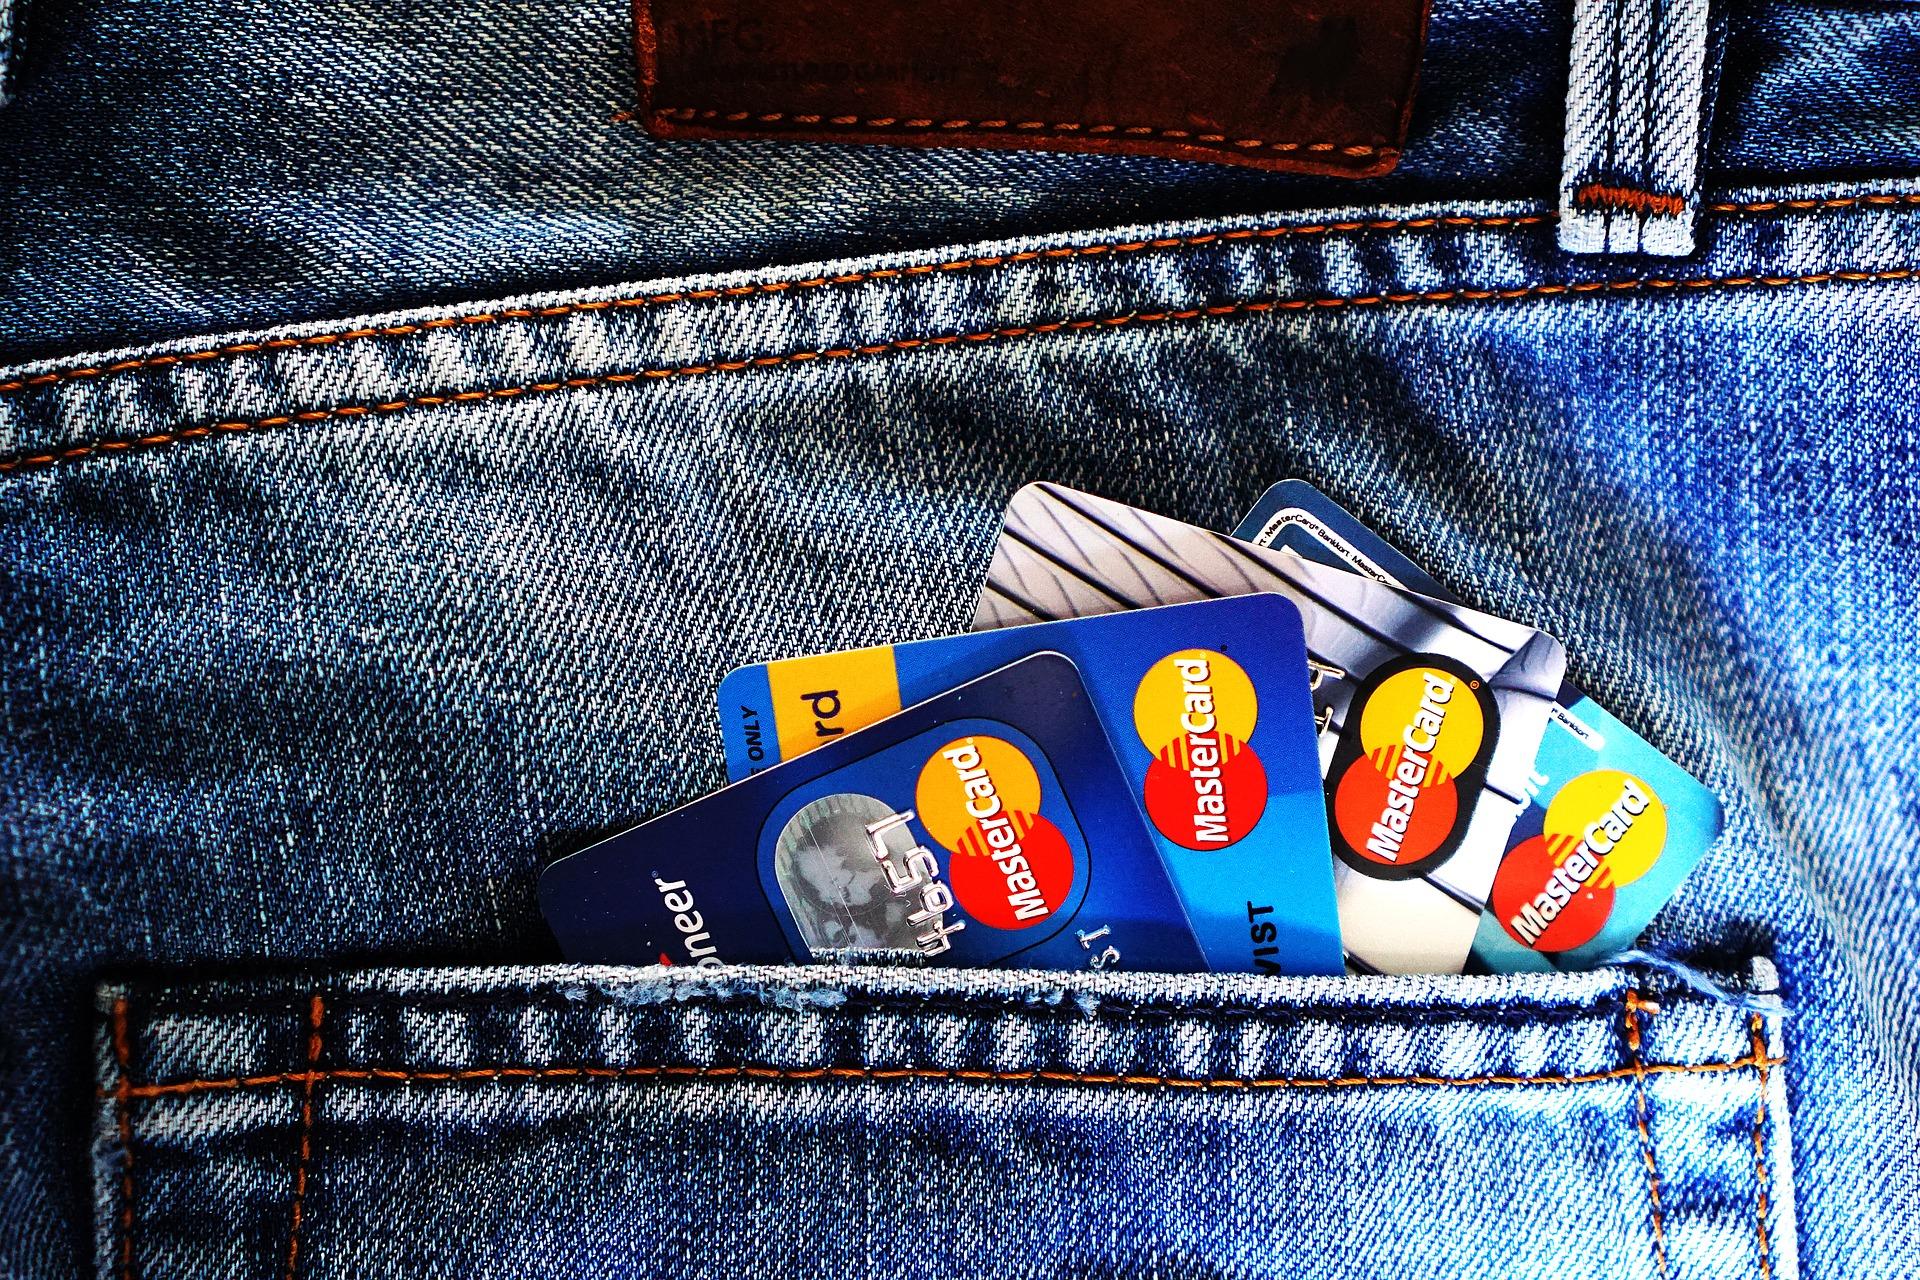 Cashback di Natale: ecco come funziona il rimborso di 150 euro per spese con carta e app